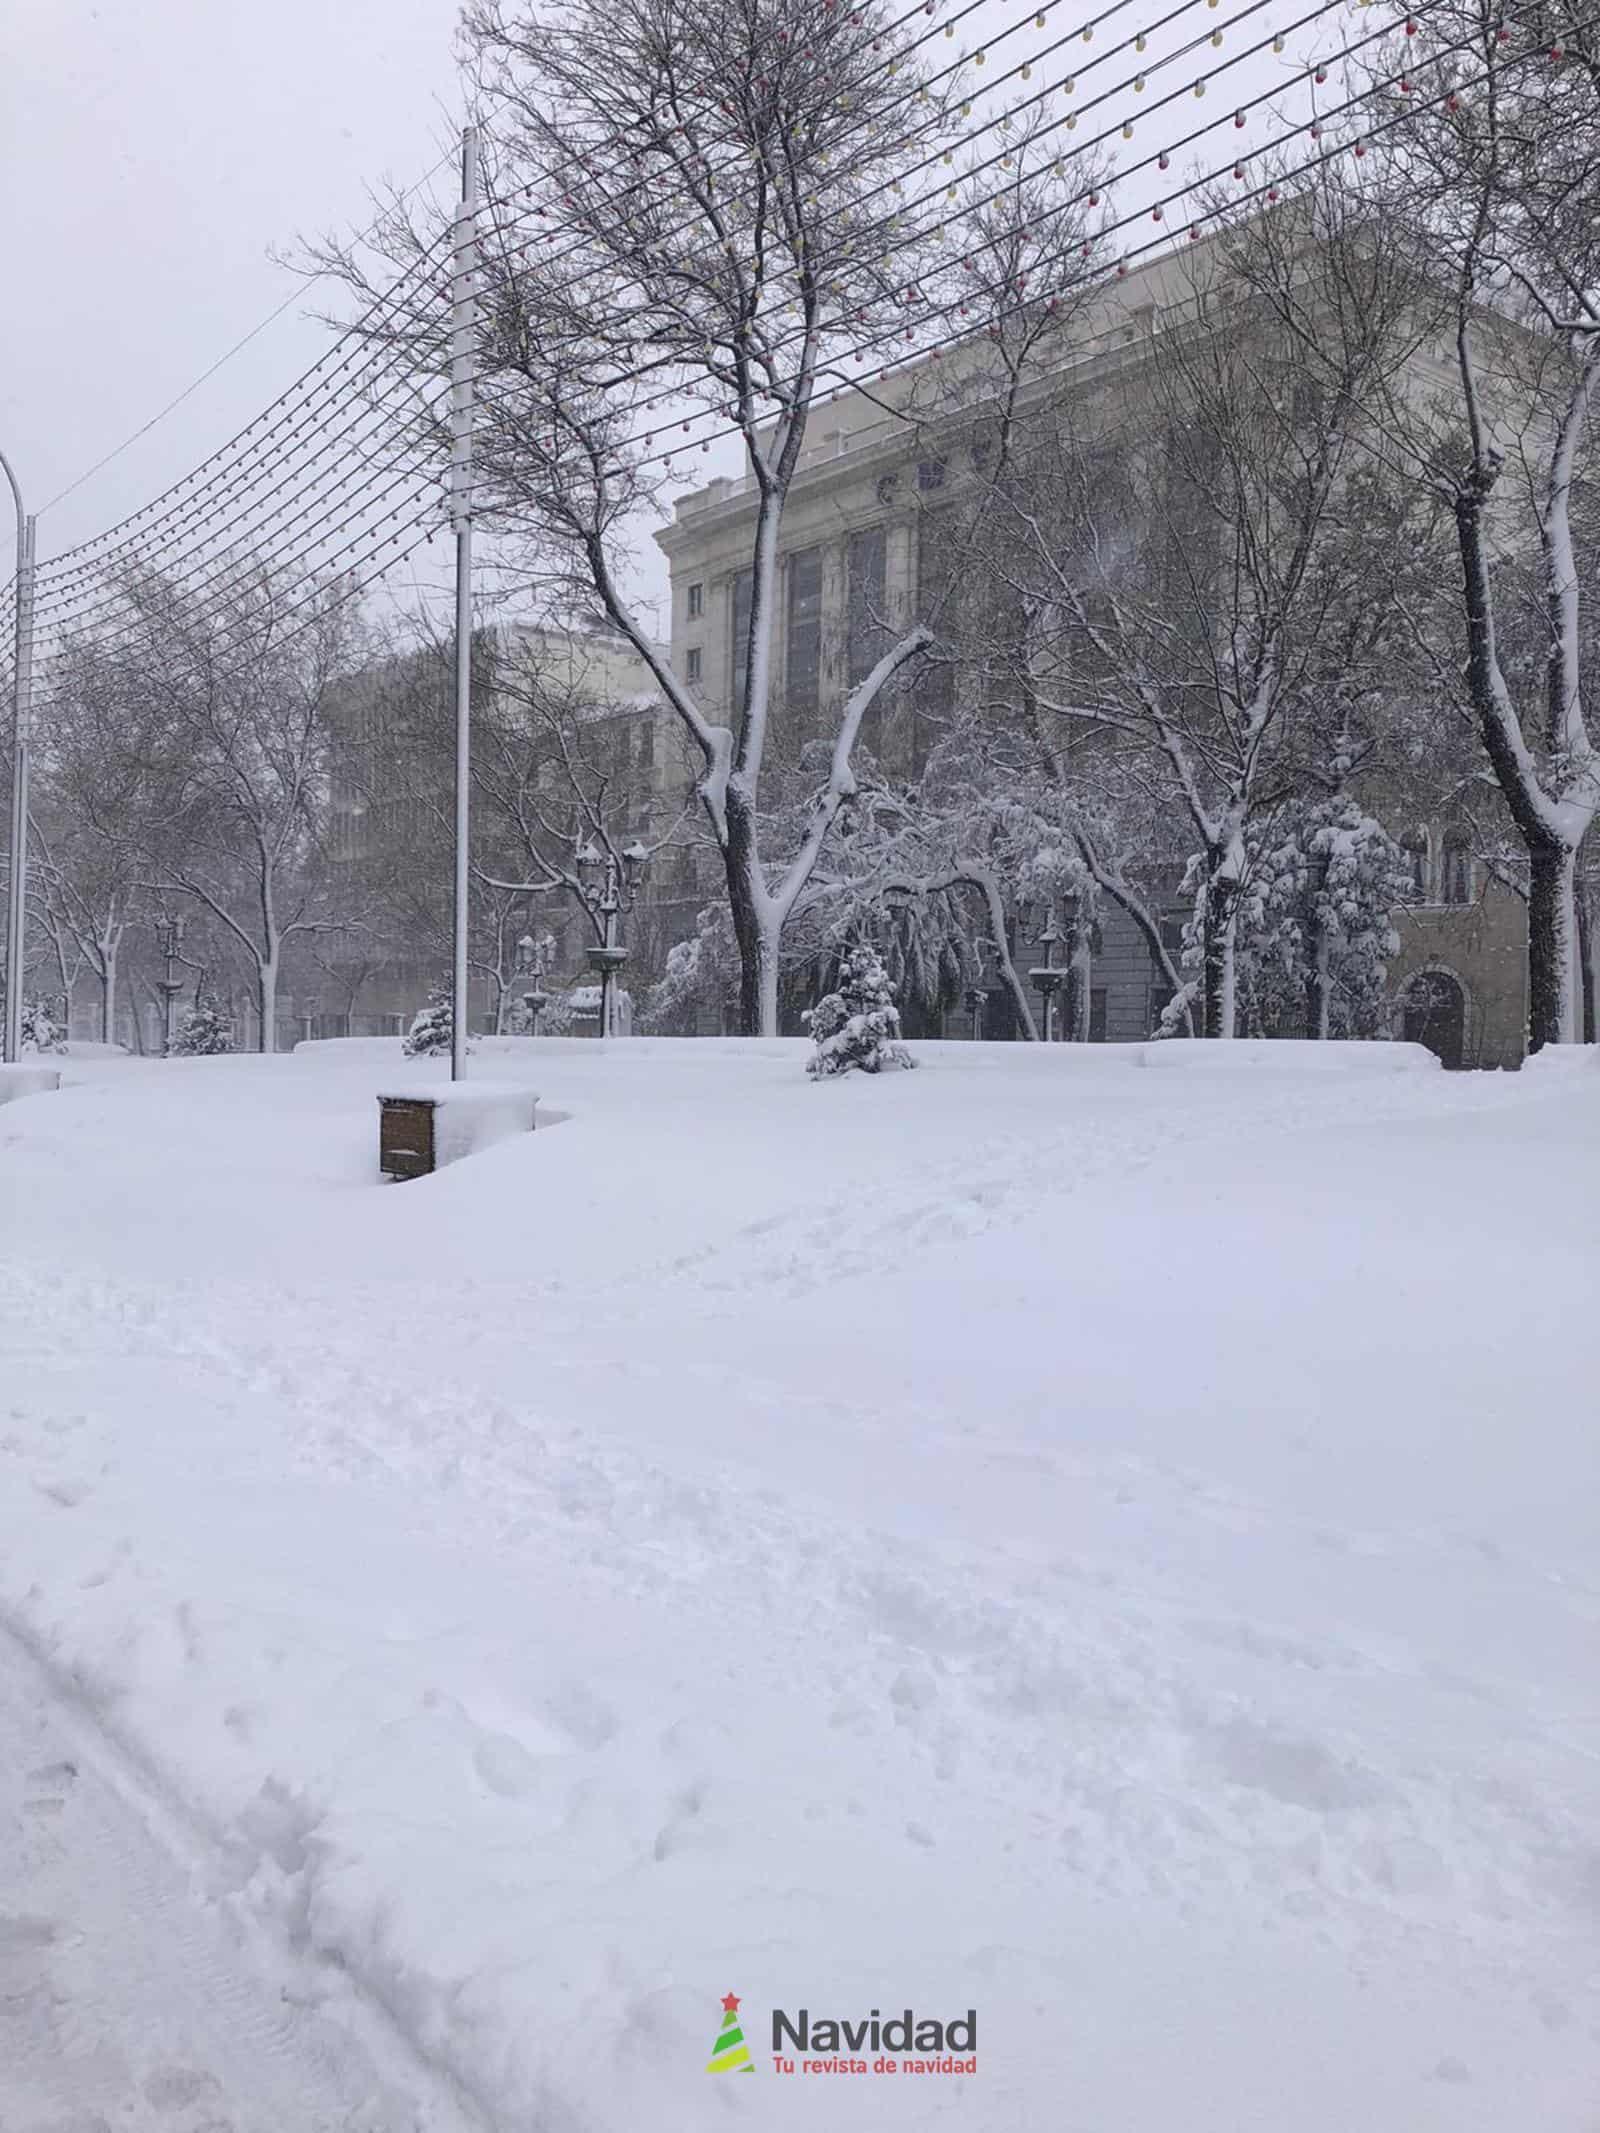 Fotografías de la nevada de enero en Madrid (España) 162